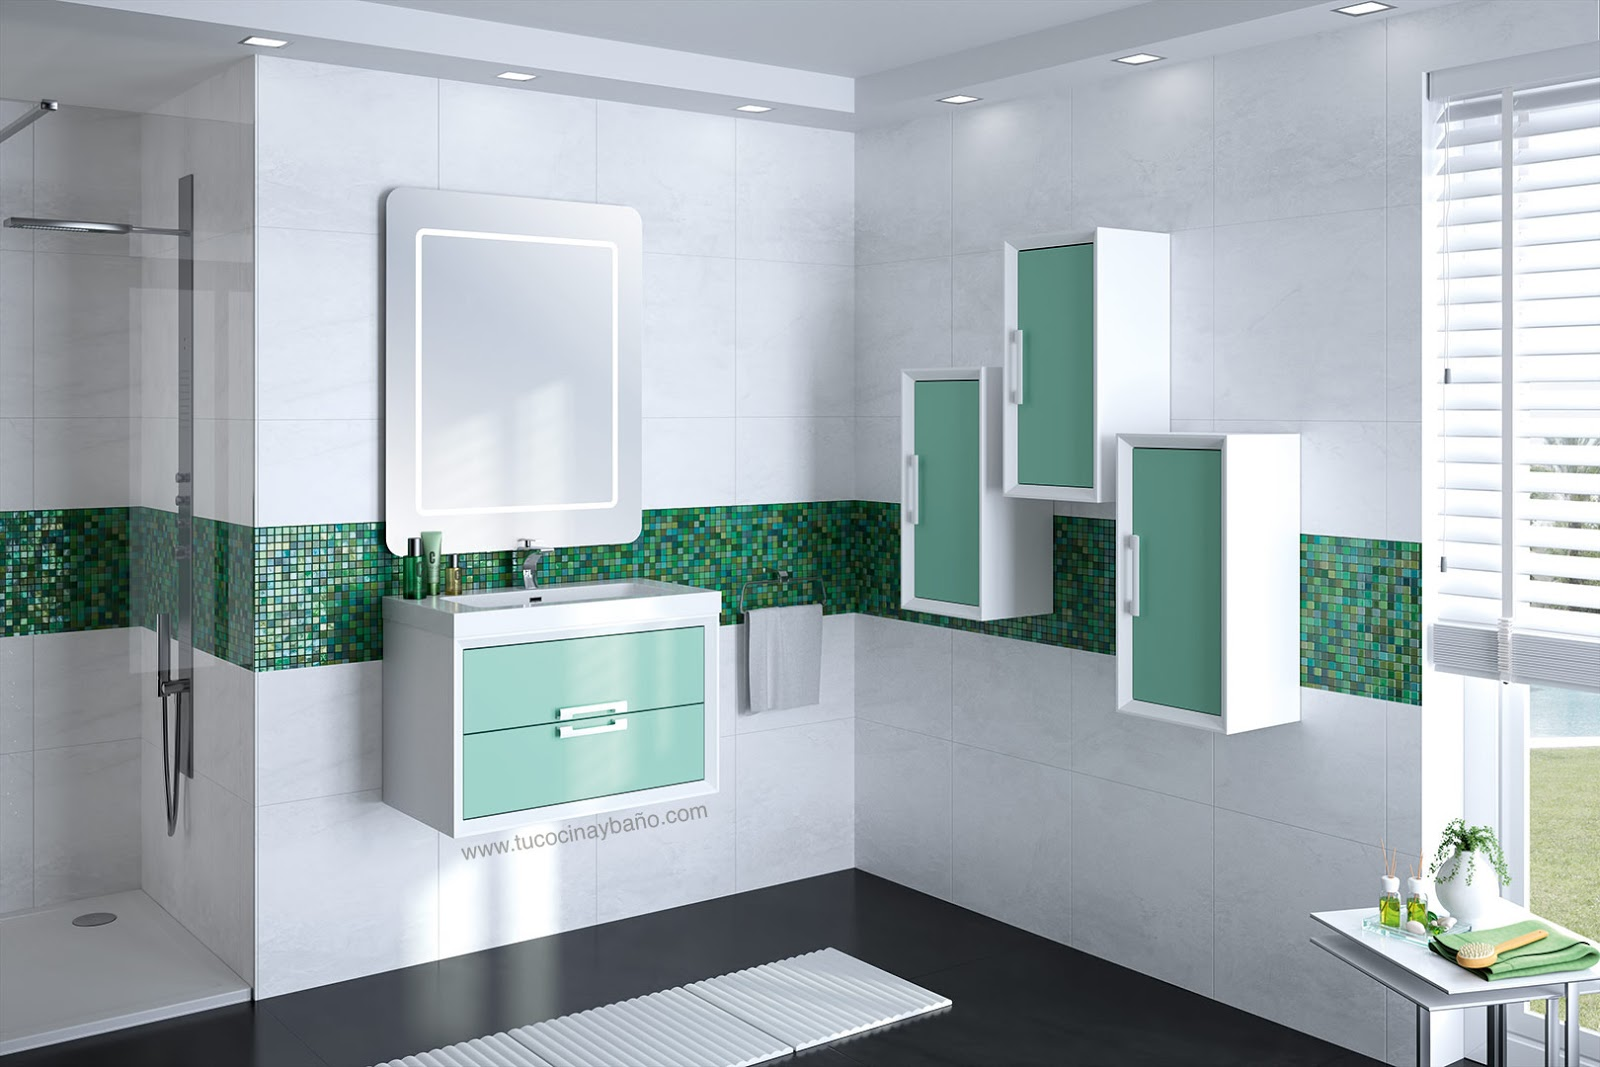 Mueble satinado bicolor deobas tu cocina y ba o for Banos blancos y verdes